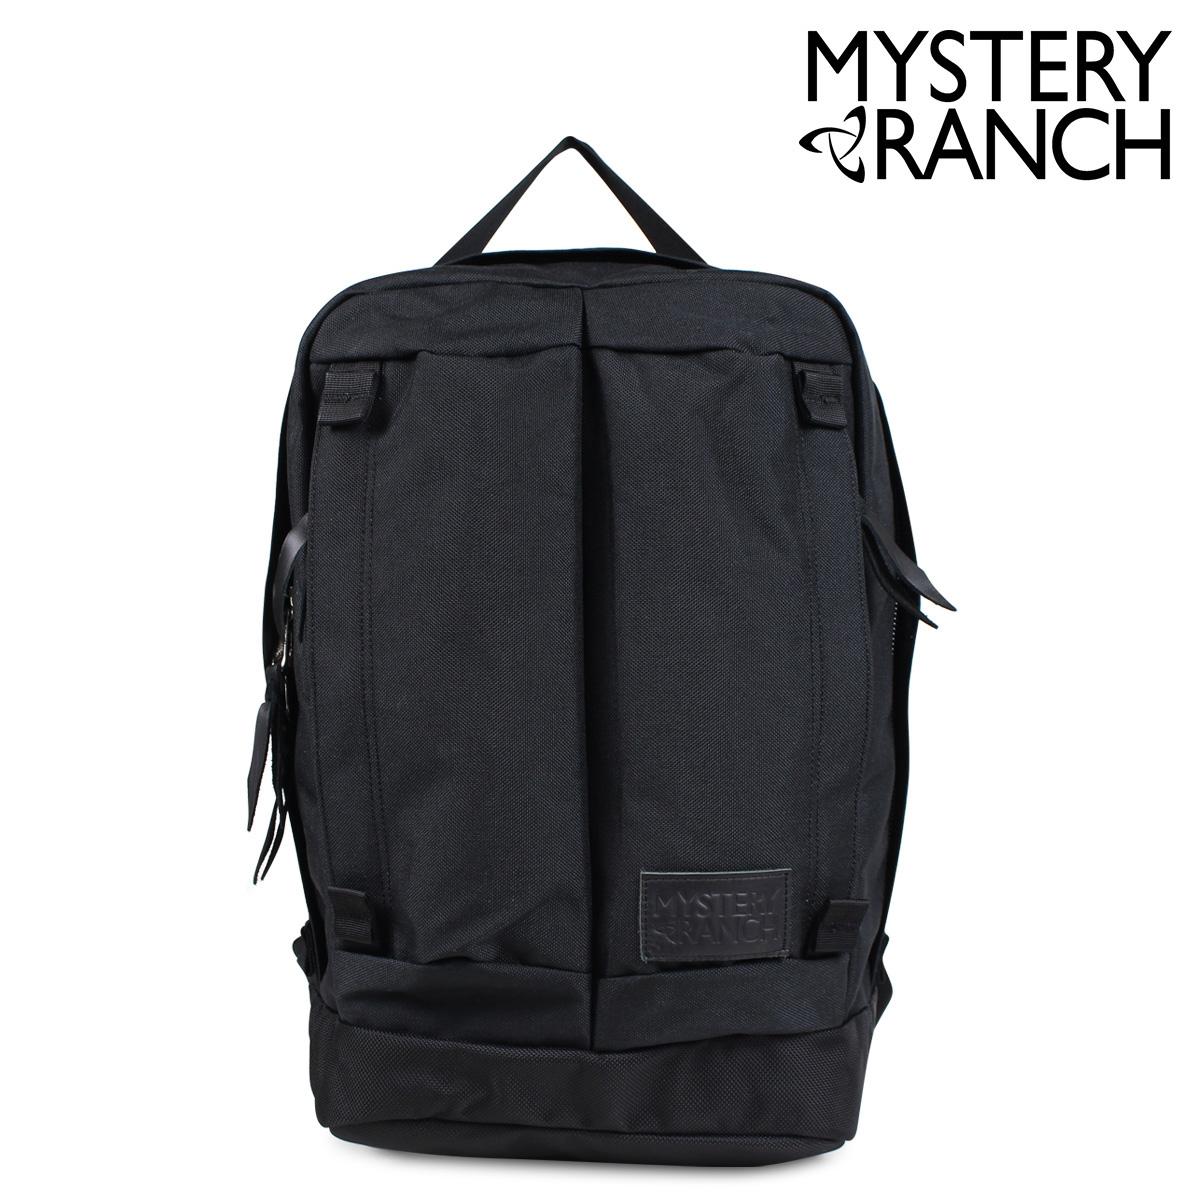 MYSTERY RANCH STADT ミステリーランチ リュック デイパック シュタッド 21L メンズ レディース ブラック 19761189